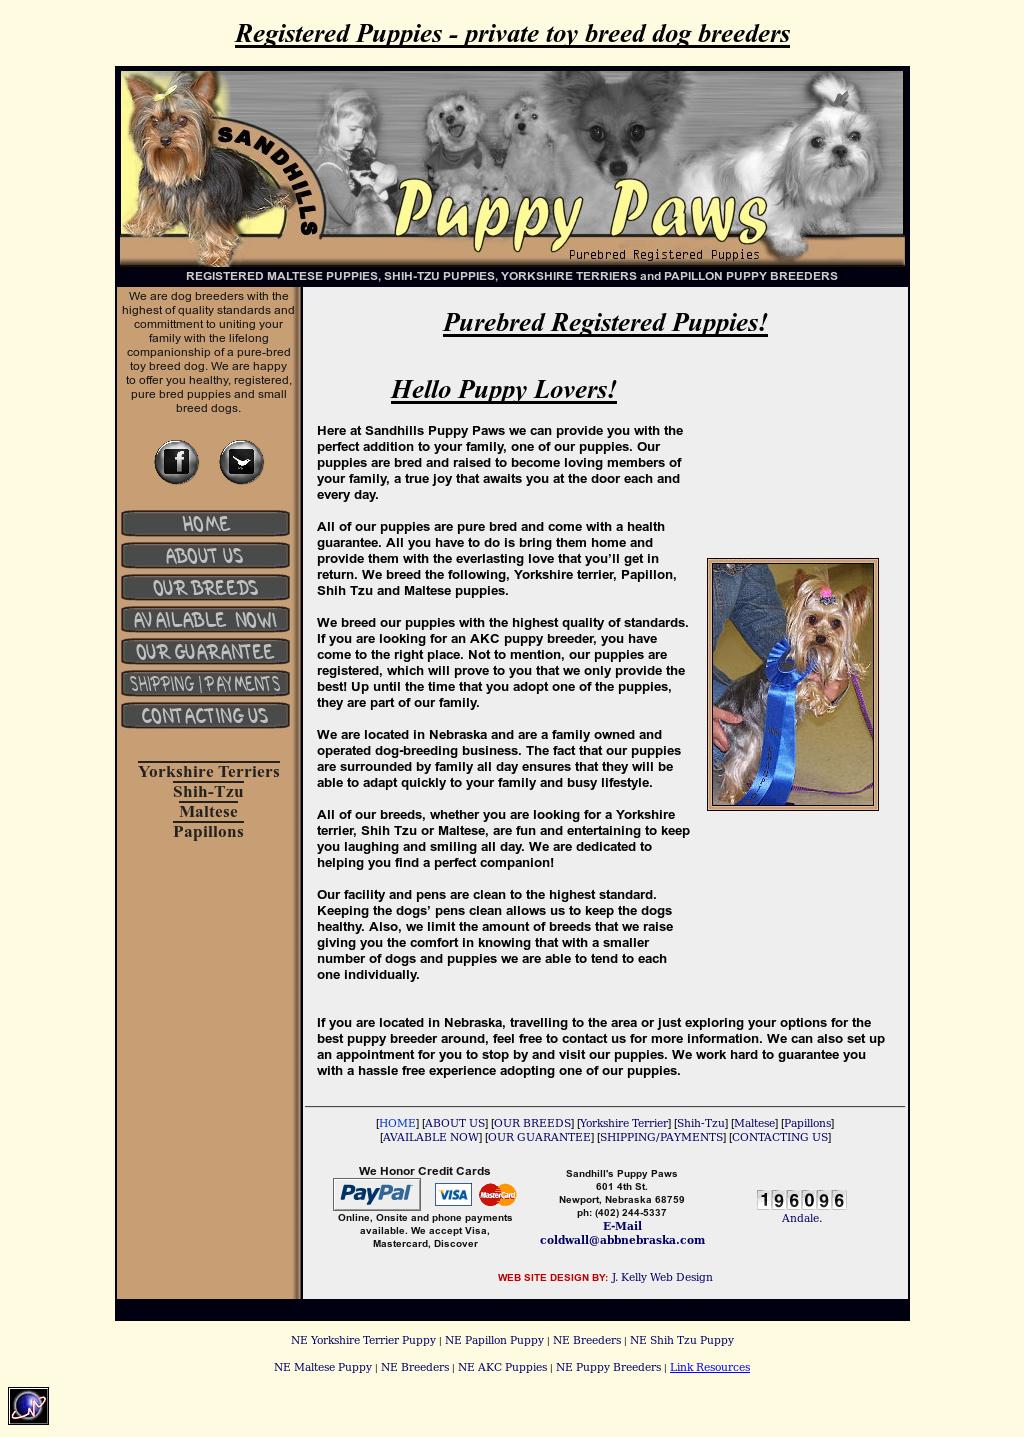 Sandhills Puppy Paws: Yorkshire Terrier And Maltese Dog Breeder